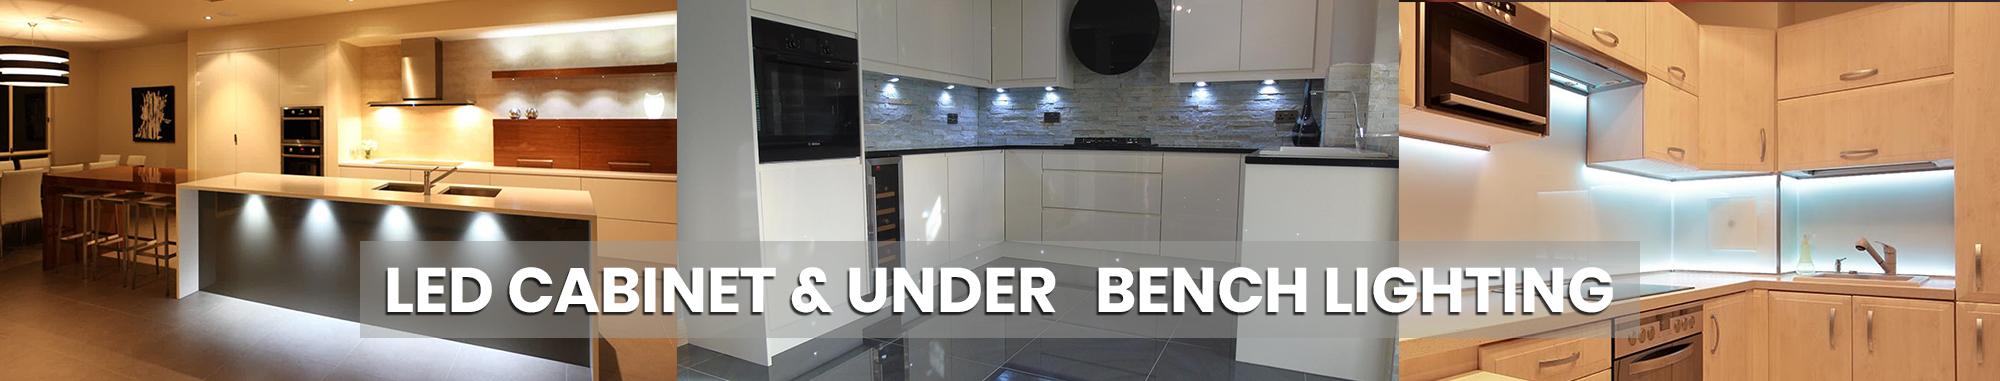 LED Cabinet & Under Bench Lighting